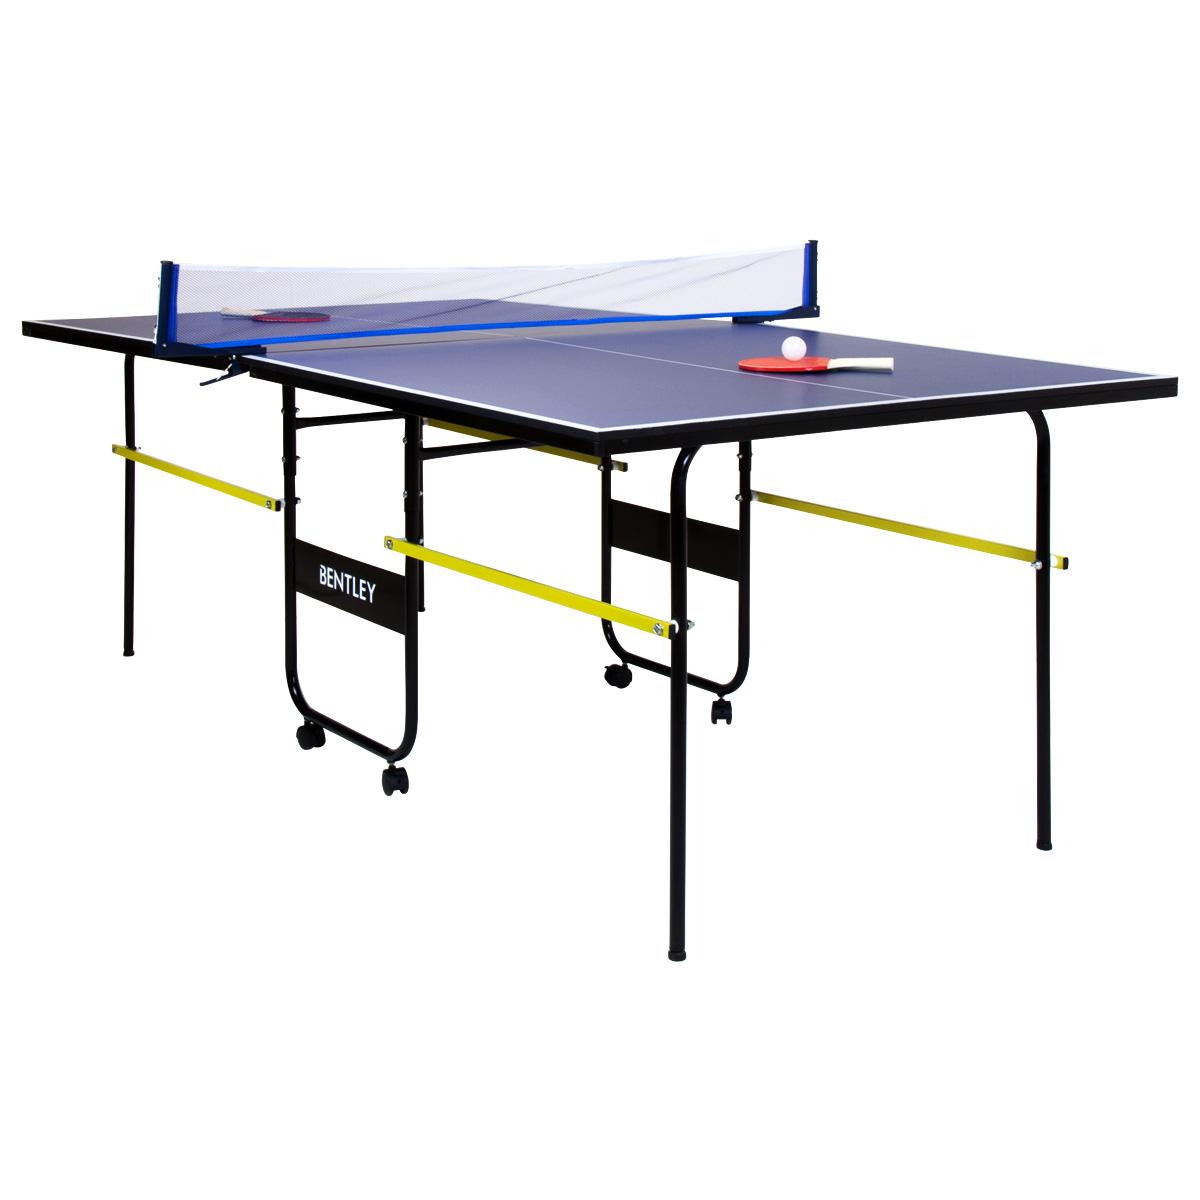 Tavolo da ping pong portatile pieghevole 1 8 m blu ebay - Costruire tavolo ping pong pieghevole ...